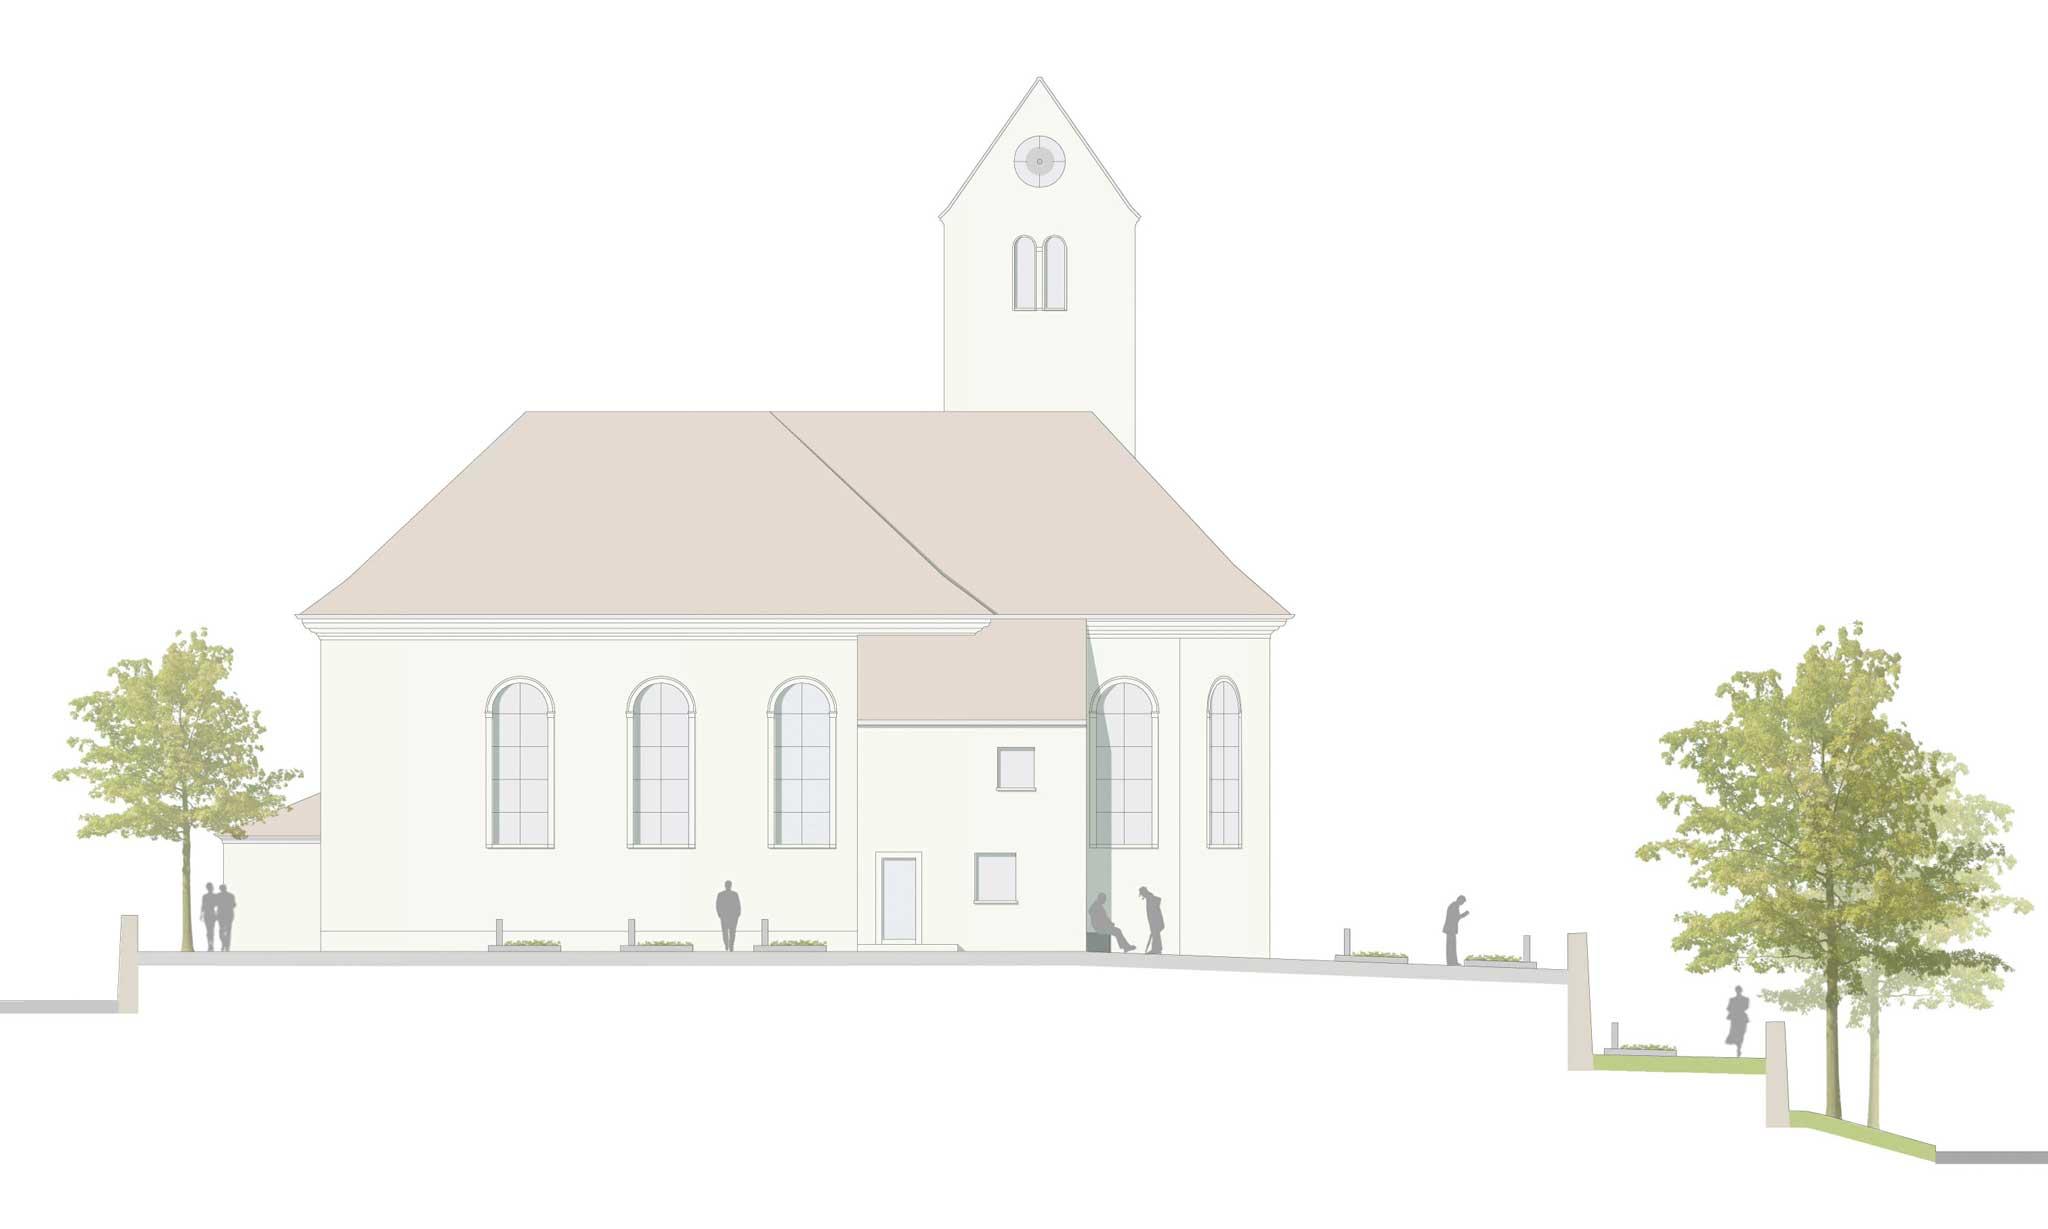 Erweiterung Alter Friedhof Epfach - Umfeld Kirche